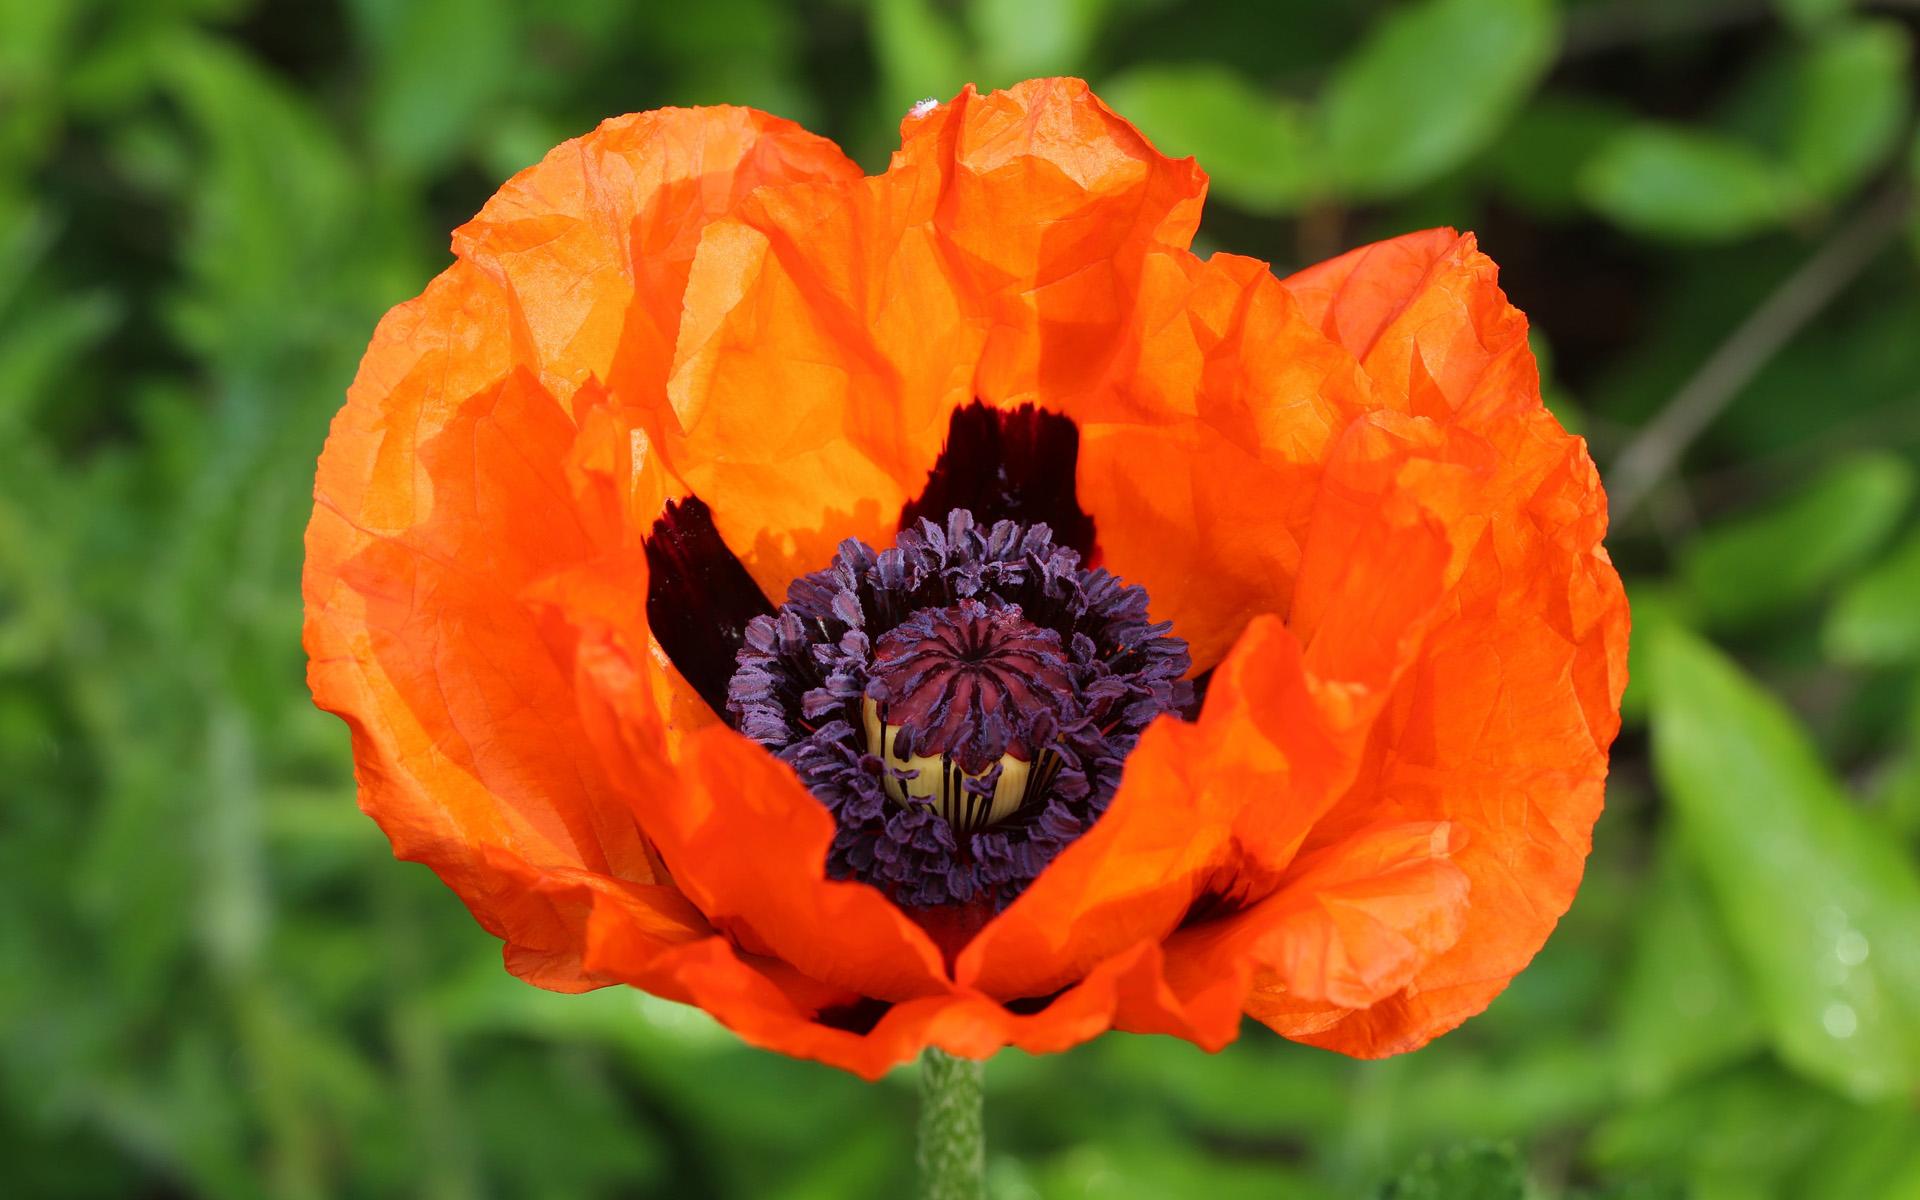 鲜艳红火的罂粟花图片个性桌面壁纸下载